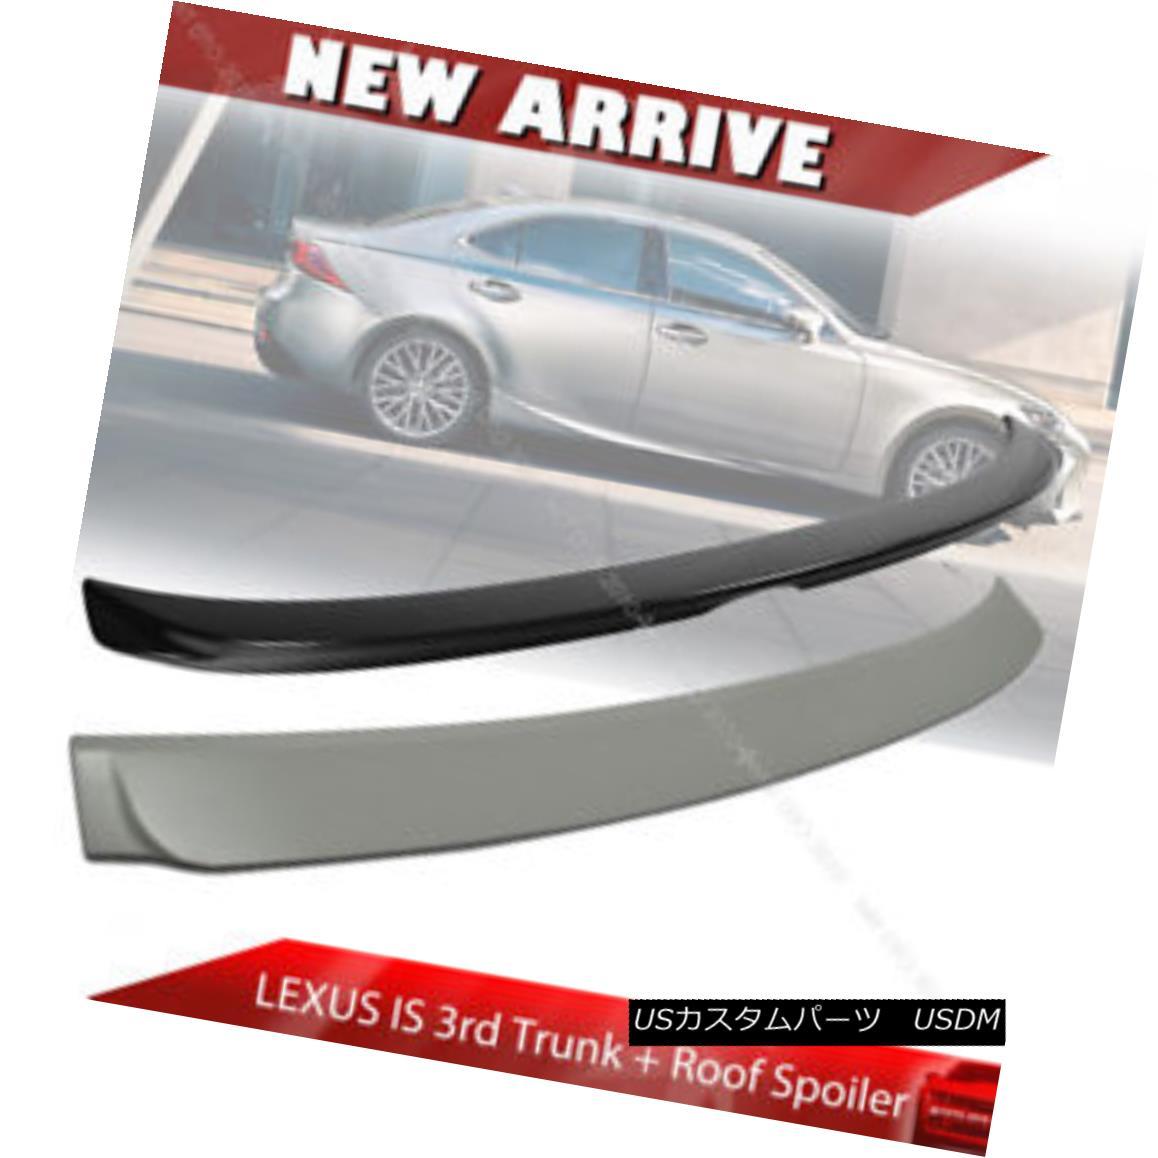 エアロパーツ 2017 Painted For Lexus IS250 IS200t IS F Sedan Trunk Spoiler & Roof Spoiler 2017塗装されたレクサスIS250 IS200t IS Fセダントランクスポイラー& ルーフスポイラー